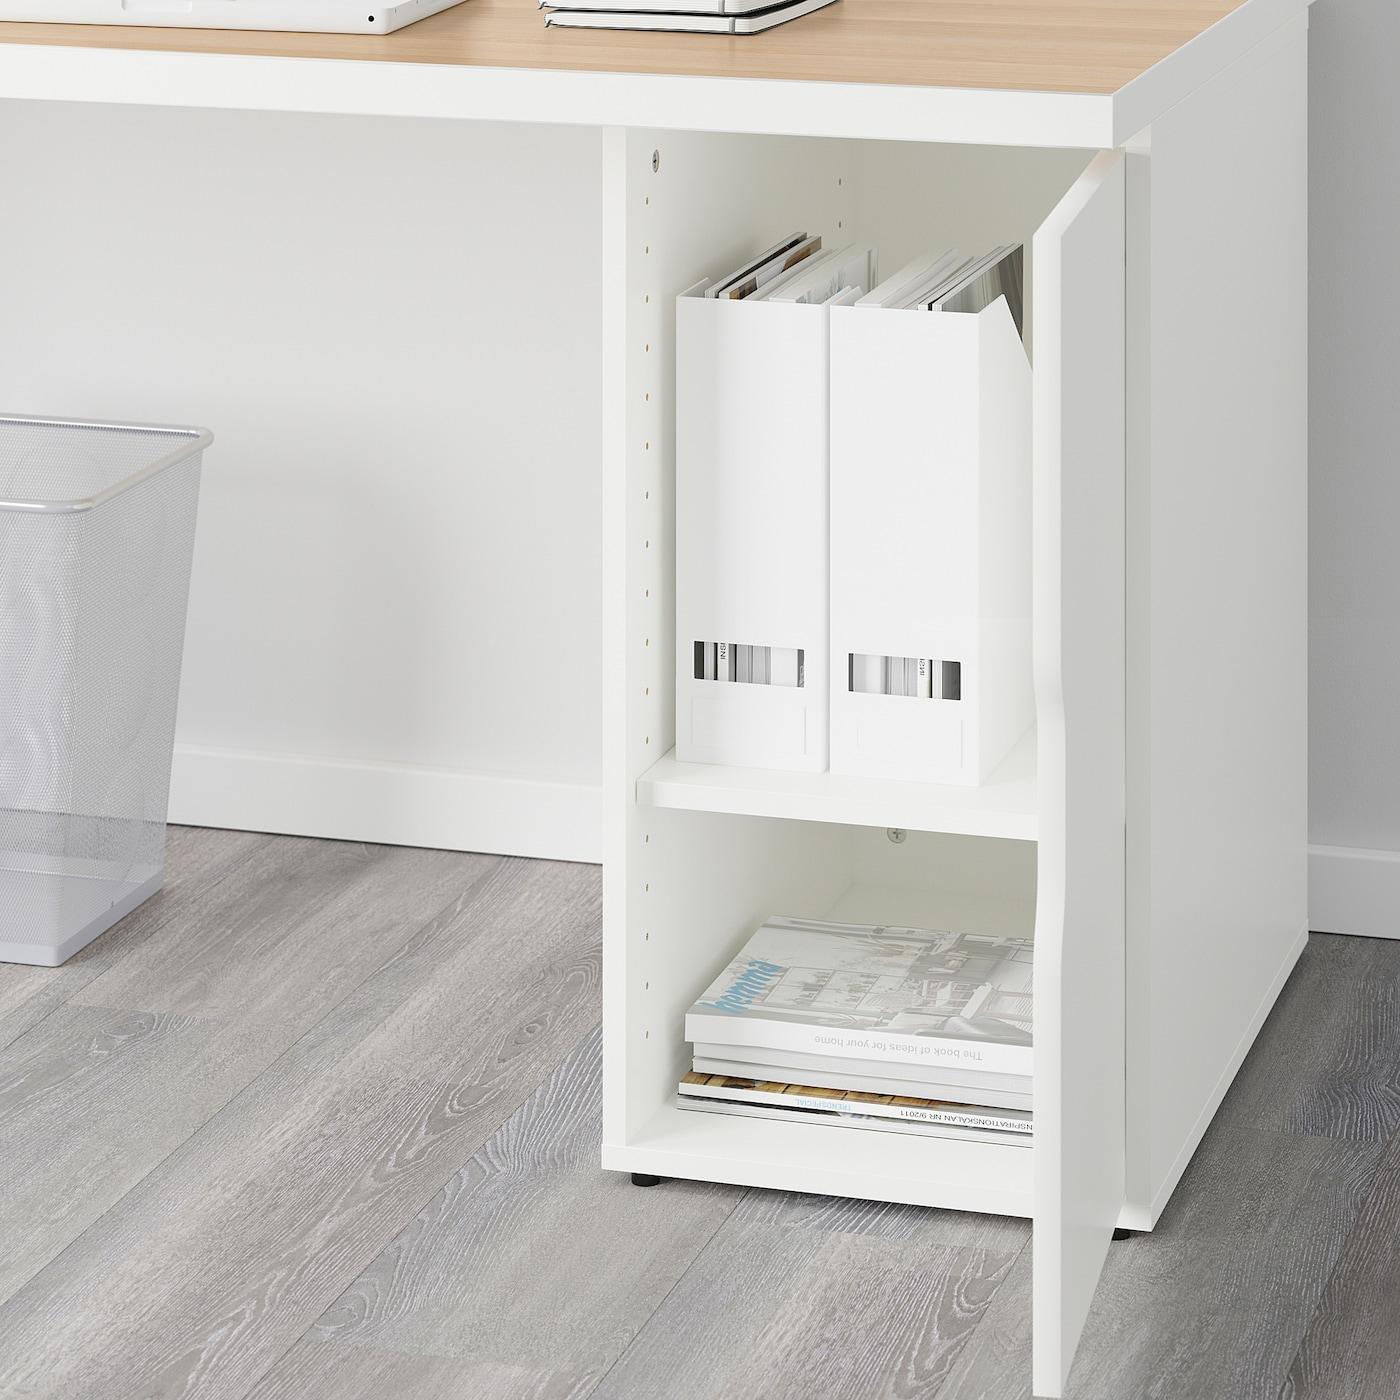 LINNMON GODVIN Tisch weiß Eicheneff wlasweiß 150x75 cm